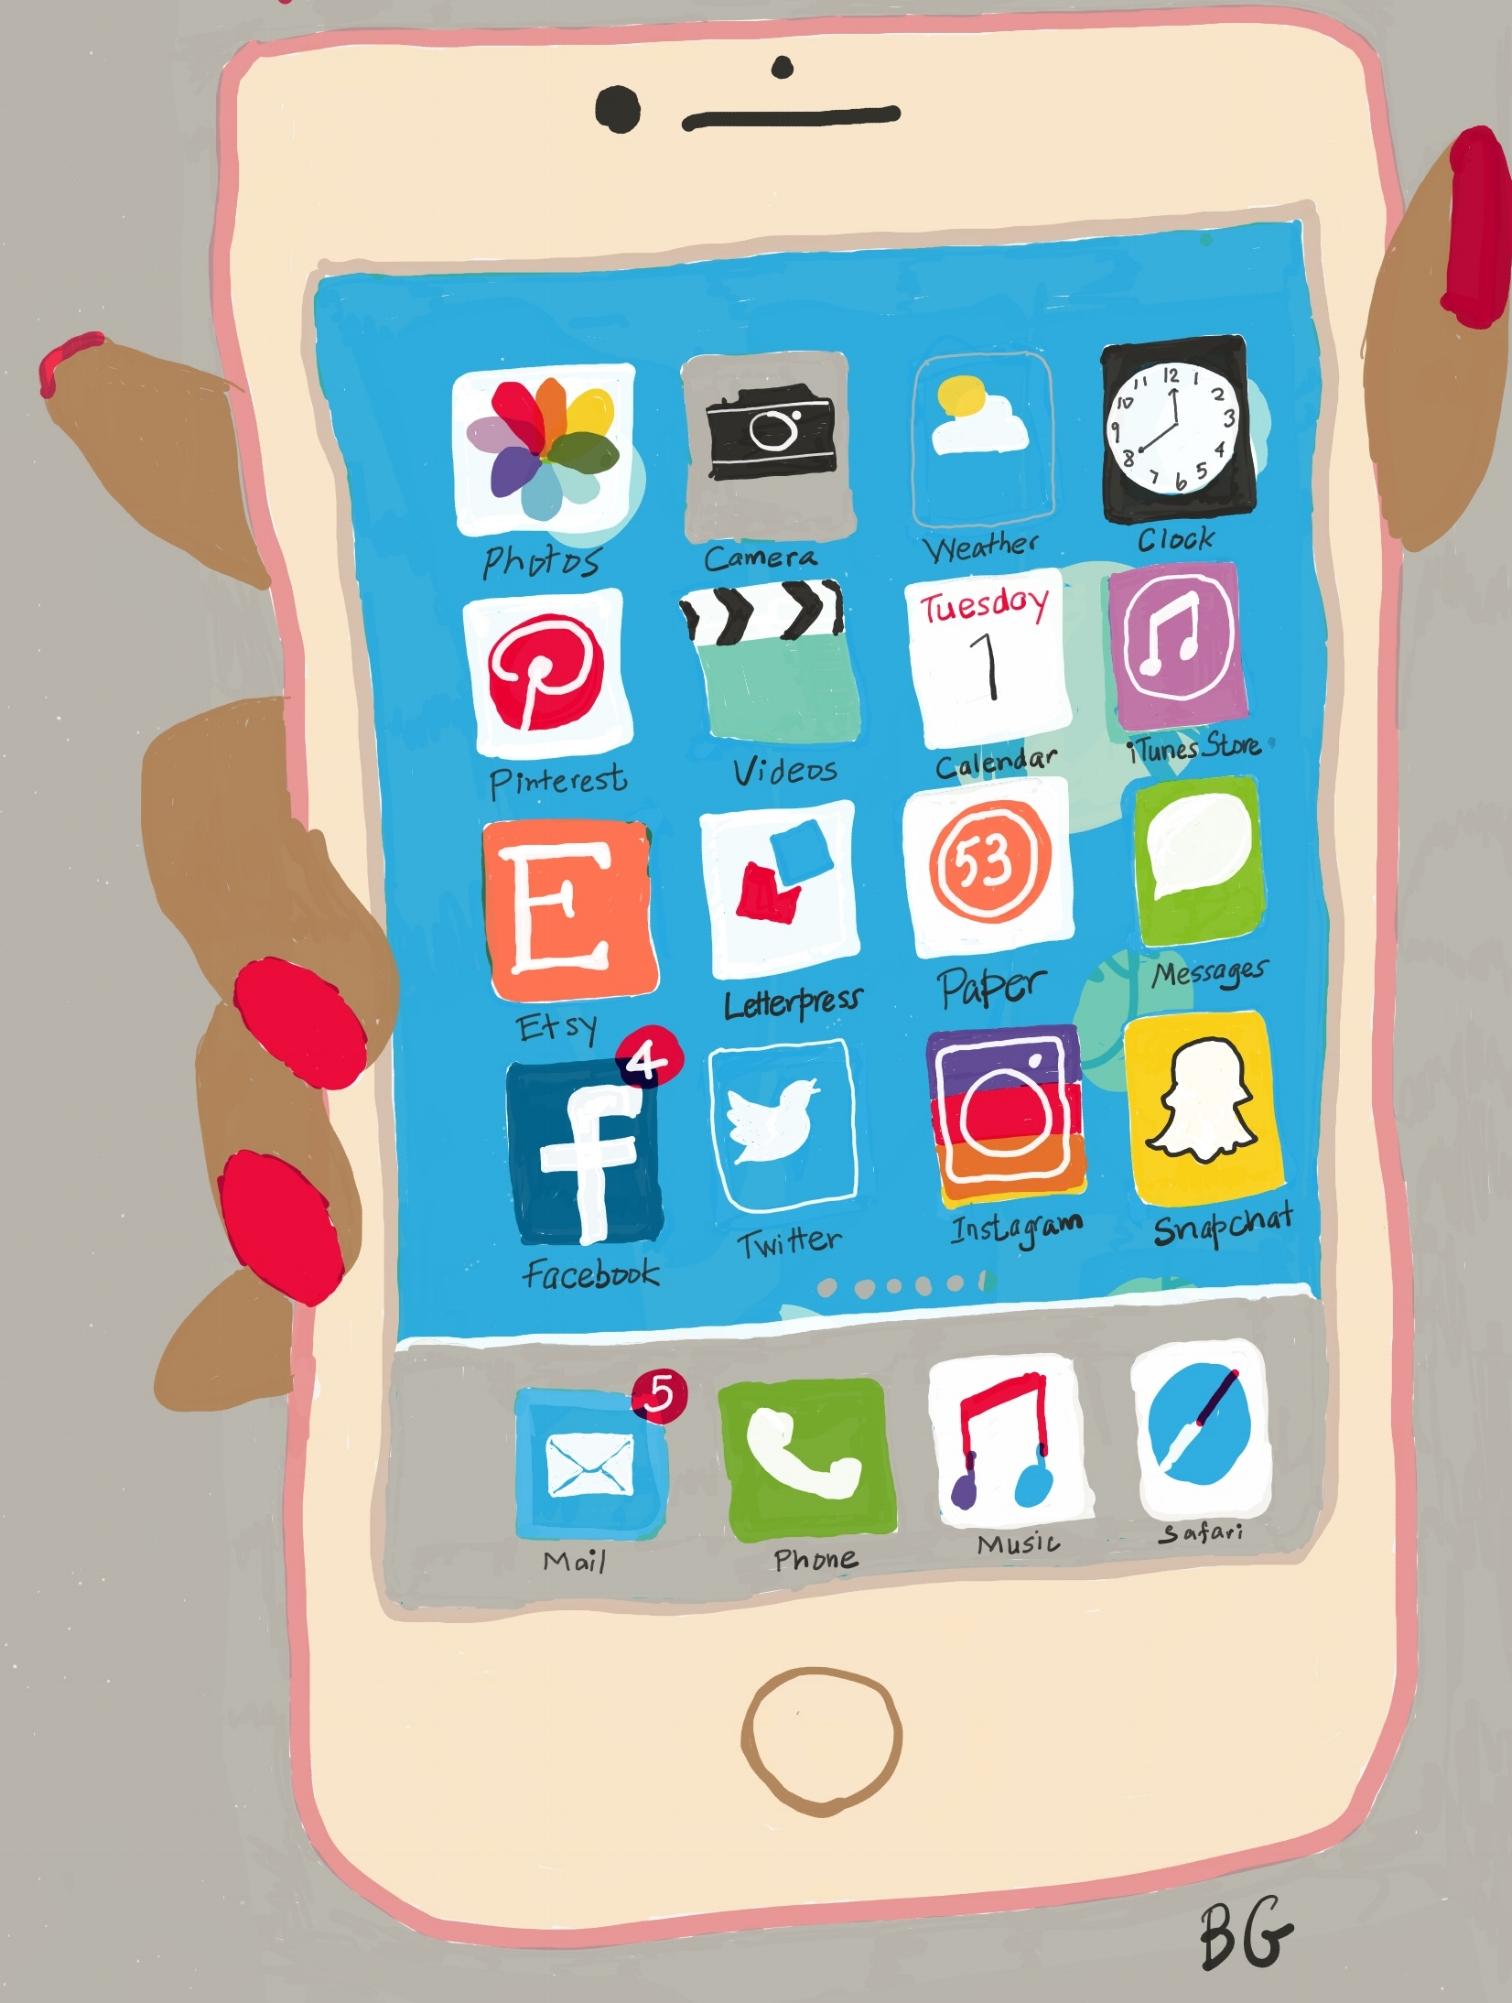 Slobodanka's iPhone  (Antipodigital)